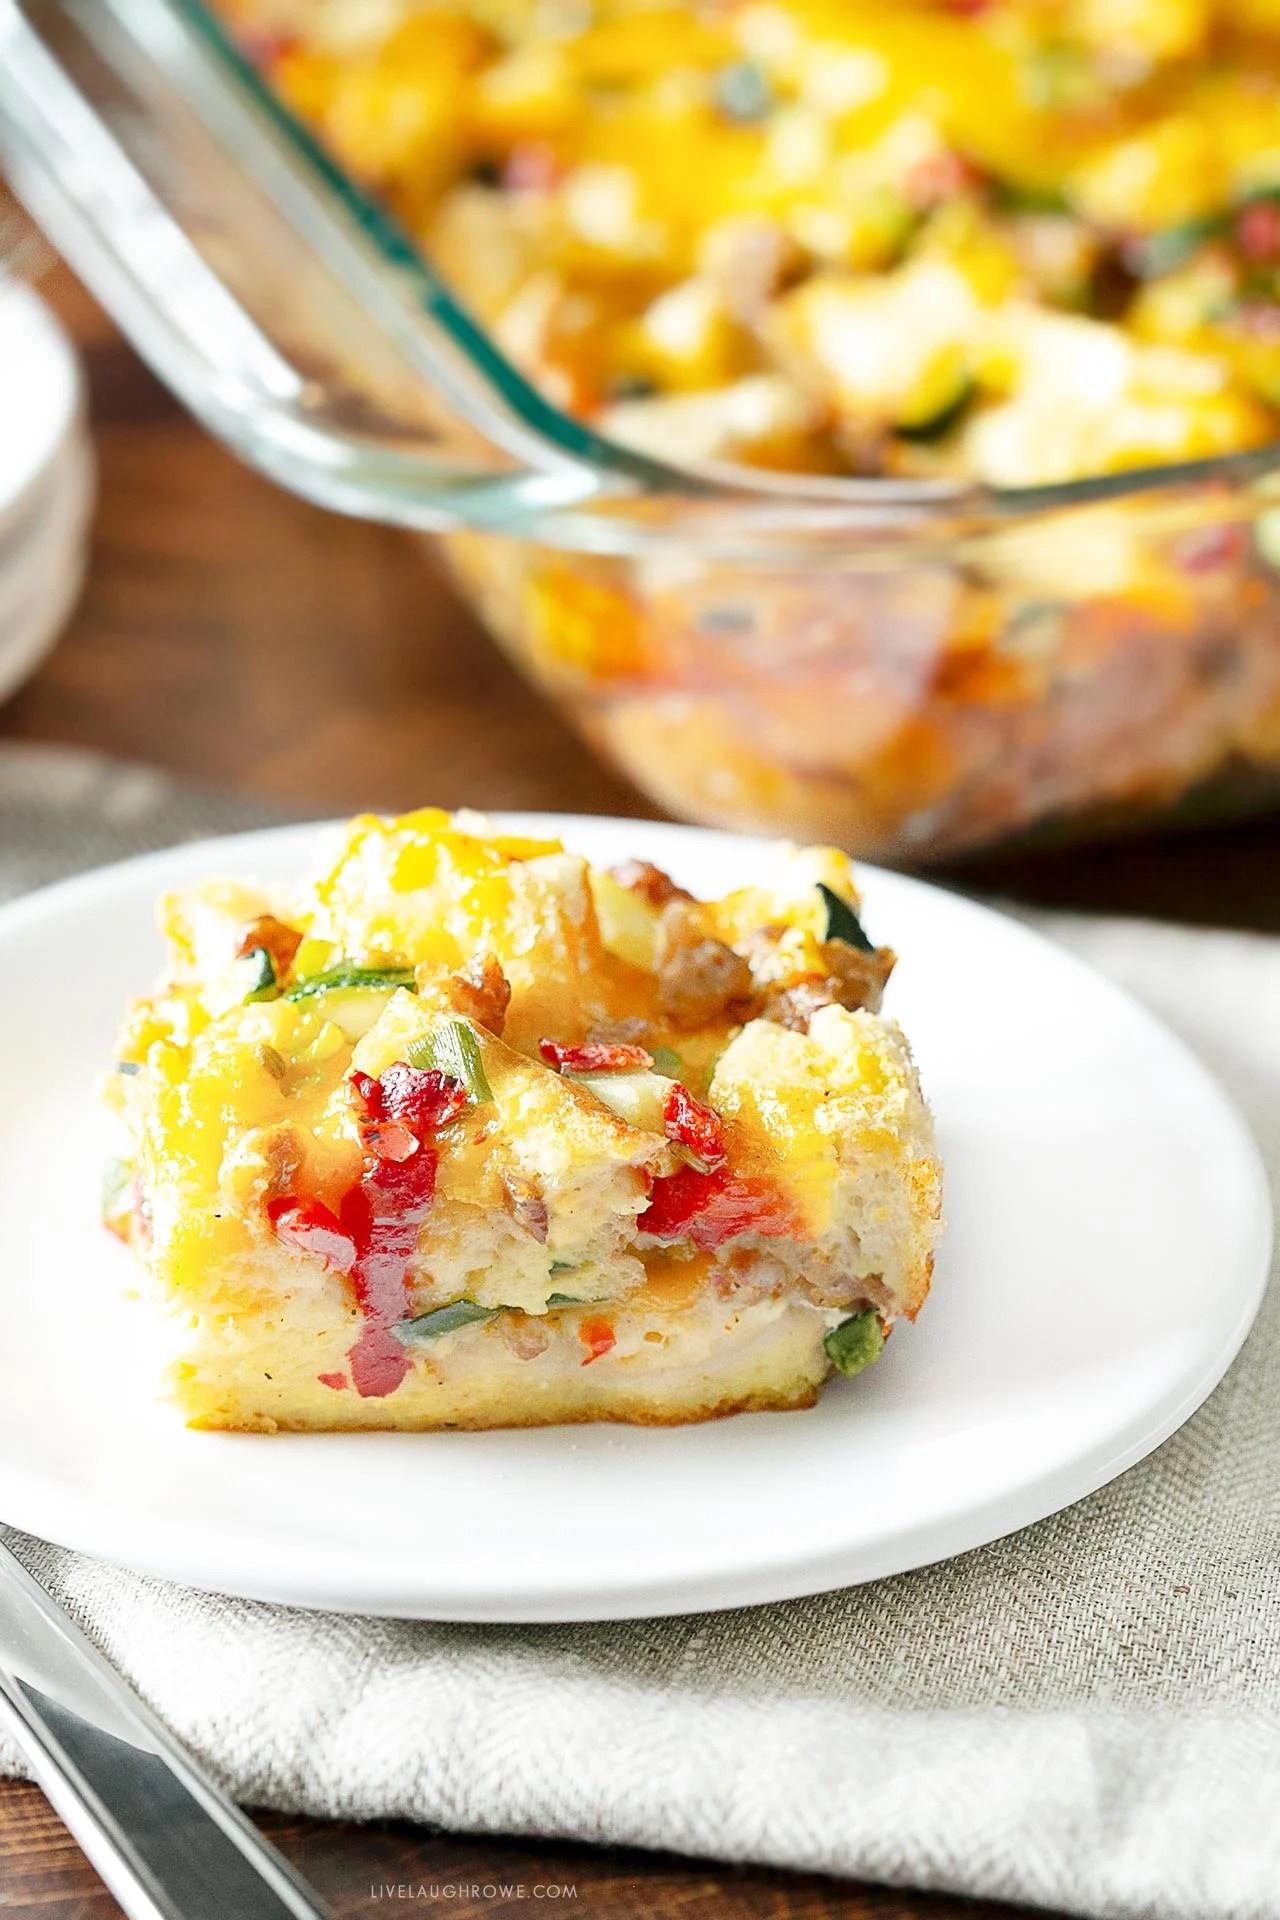 Breakfast Bake on Plate